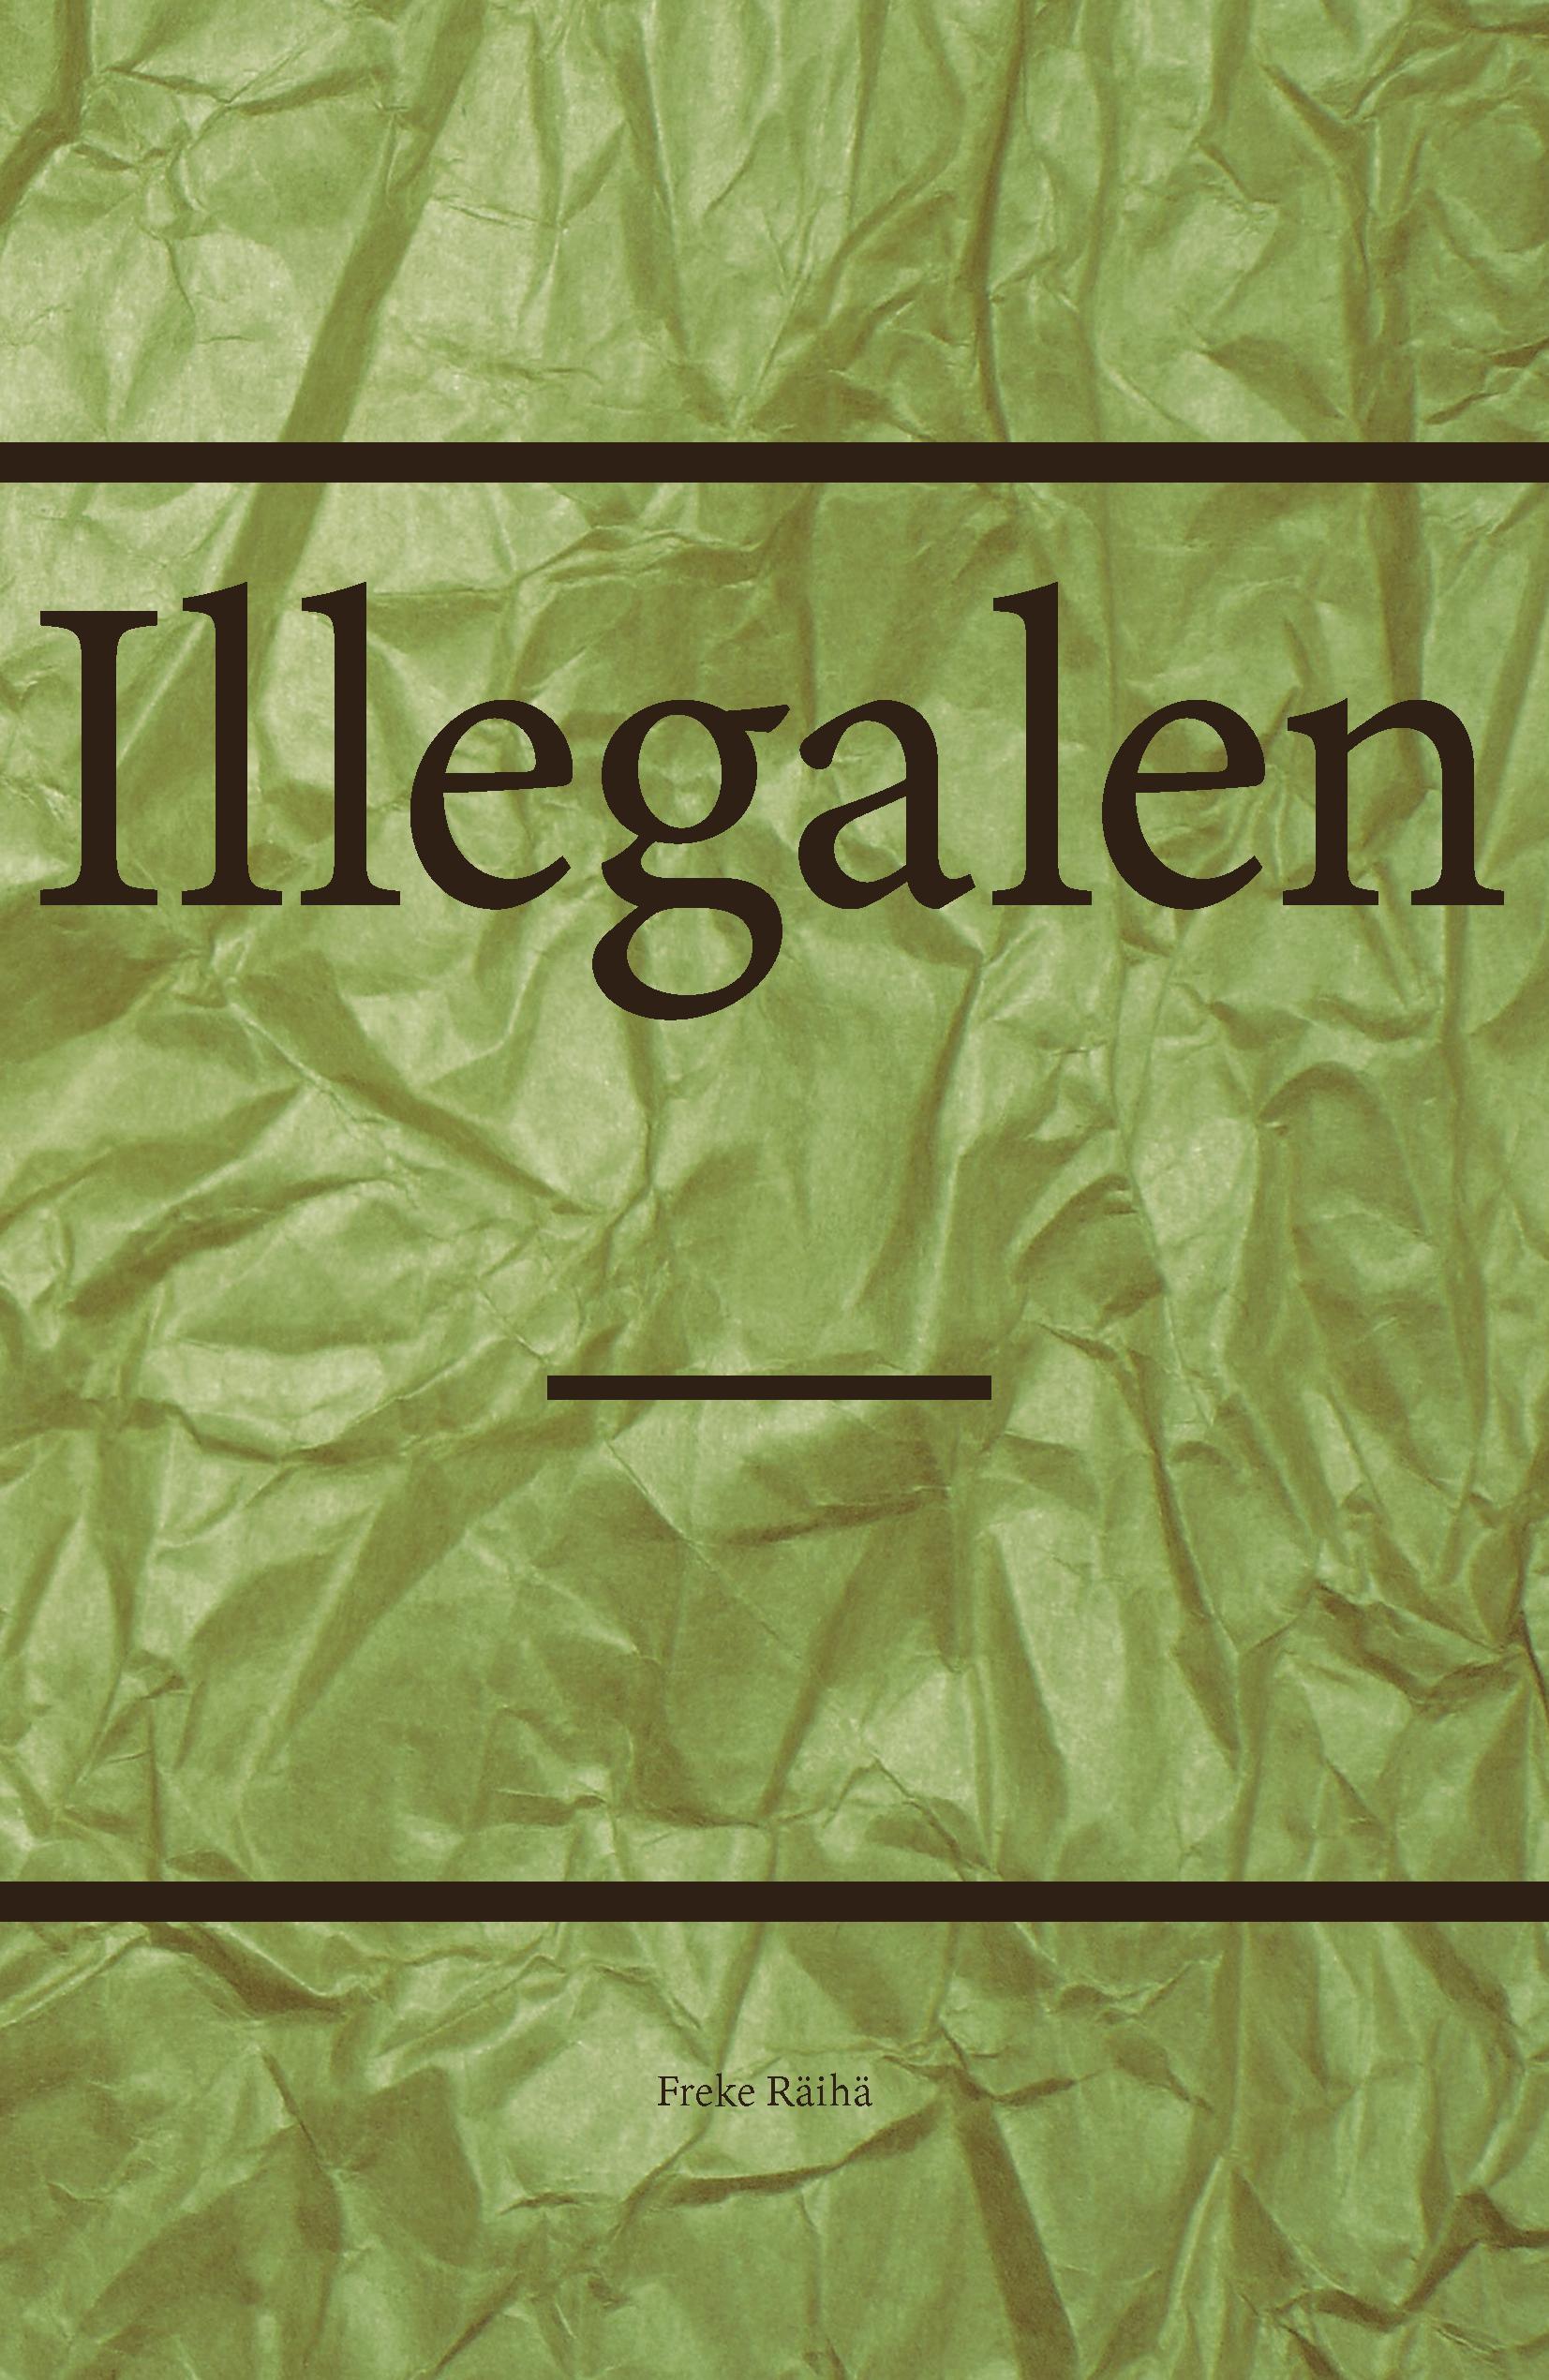 Illegalen Cover